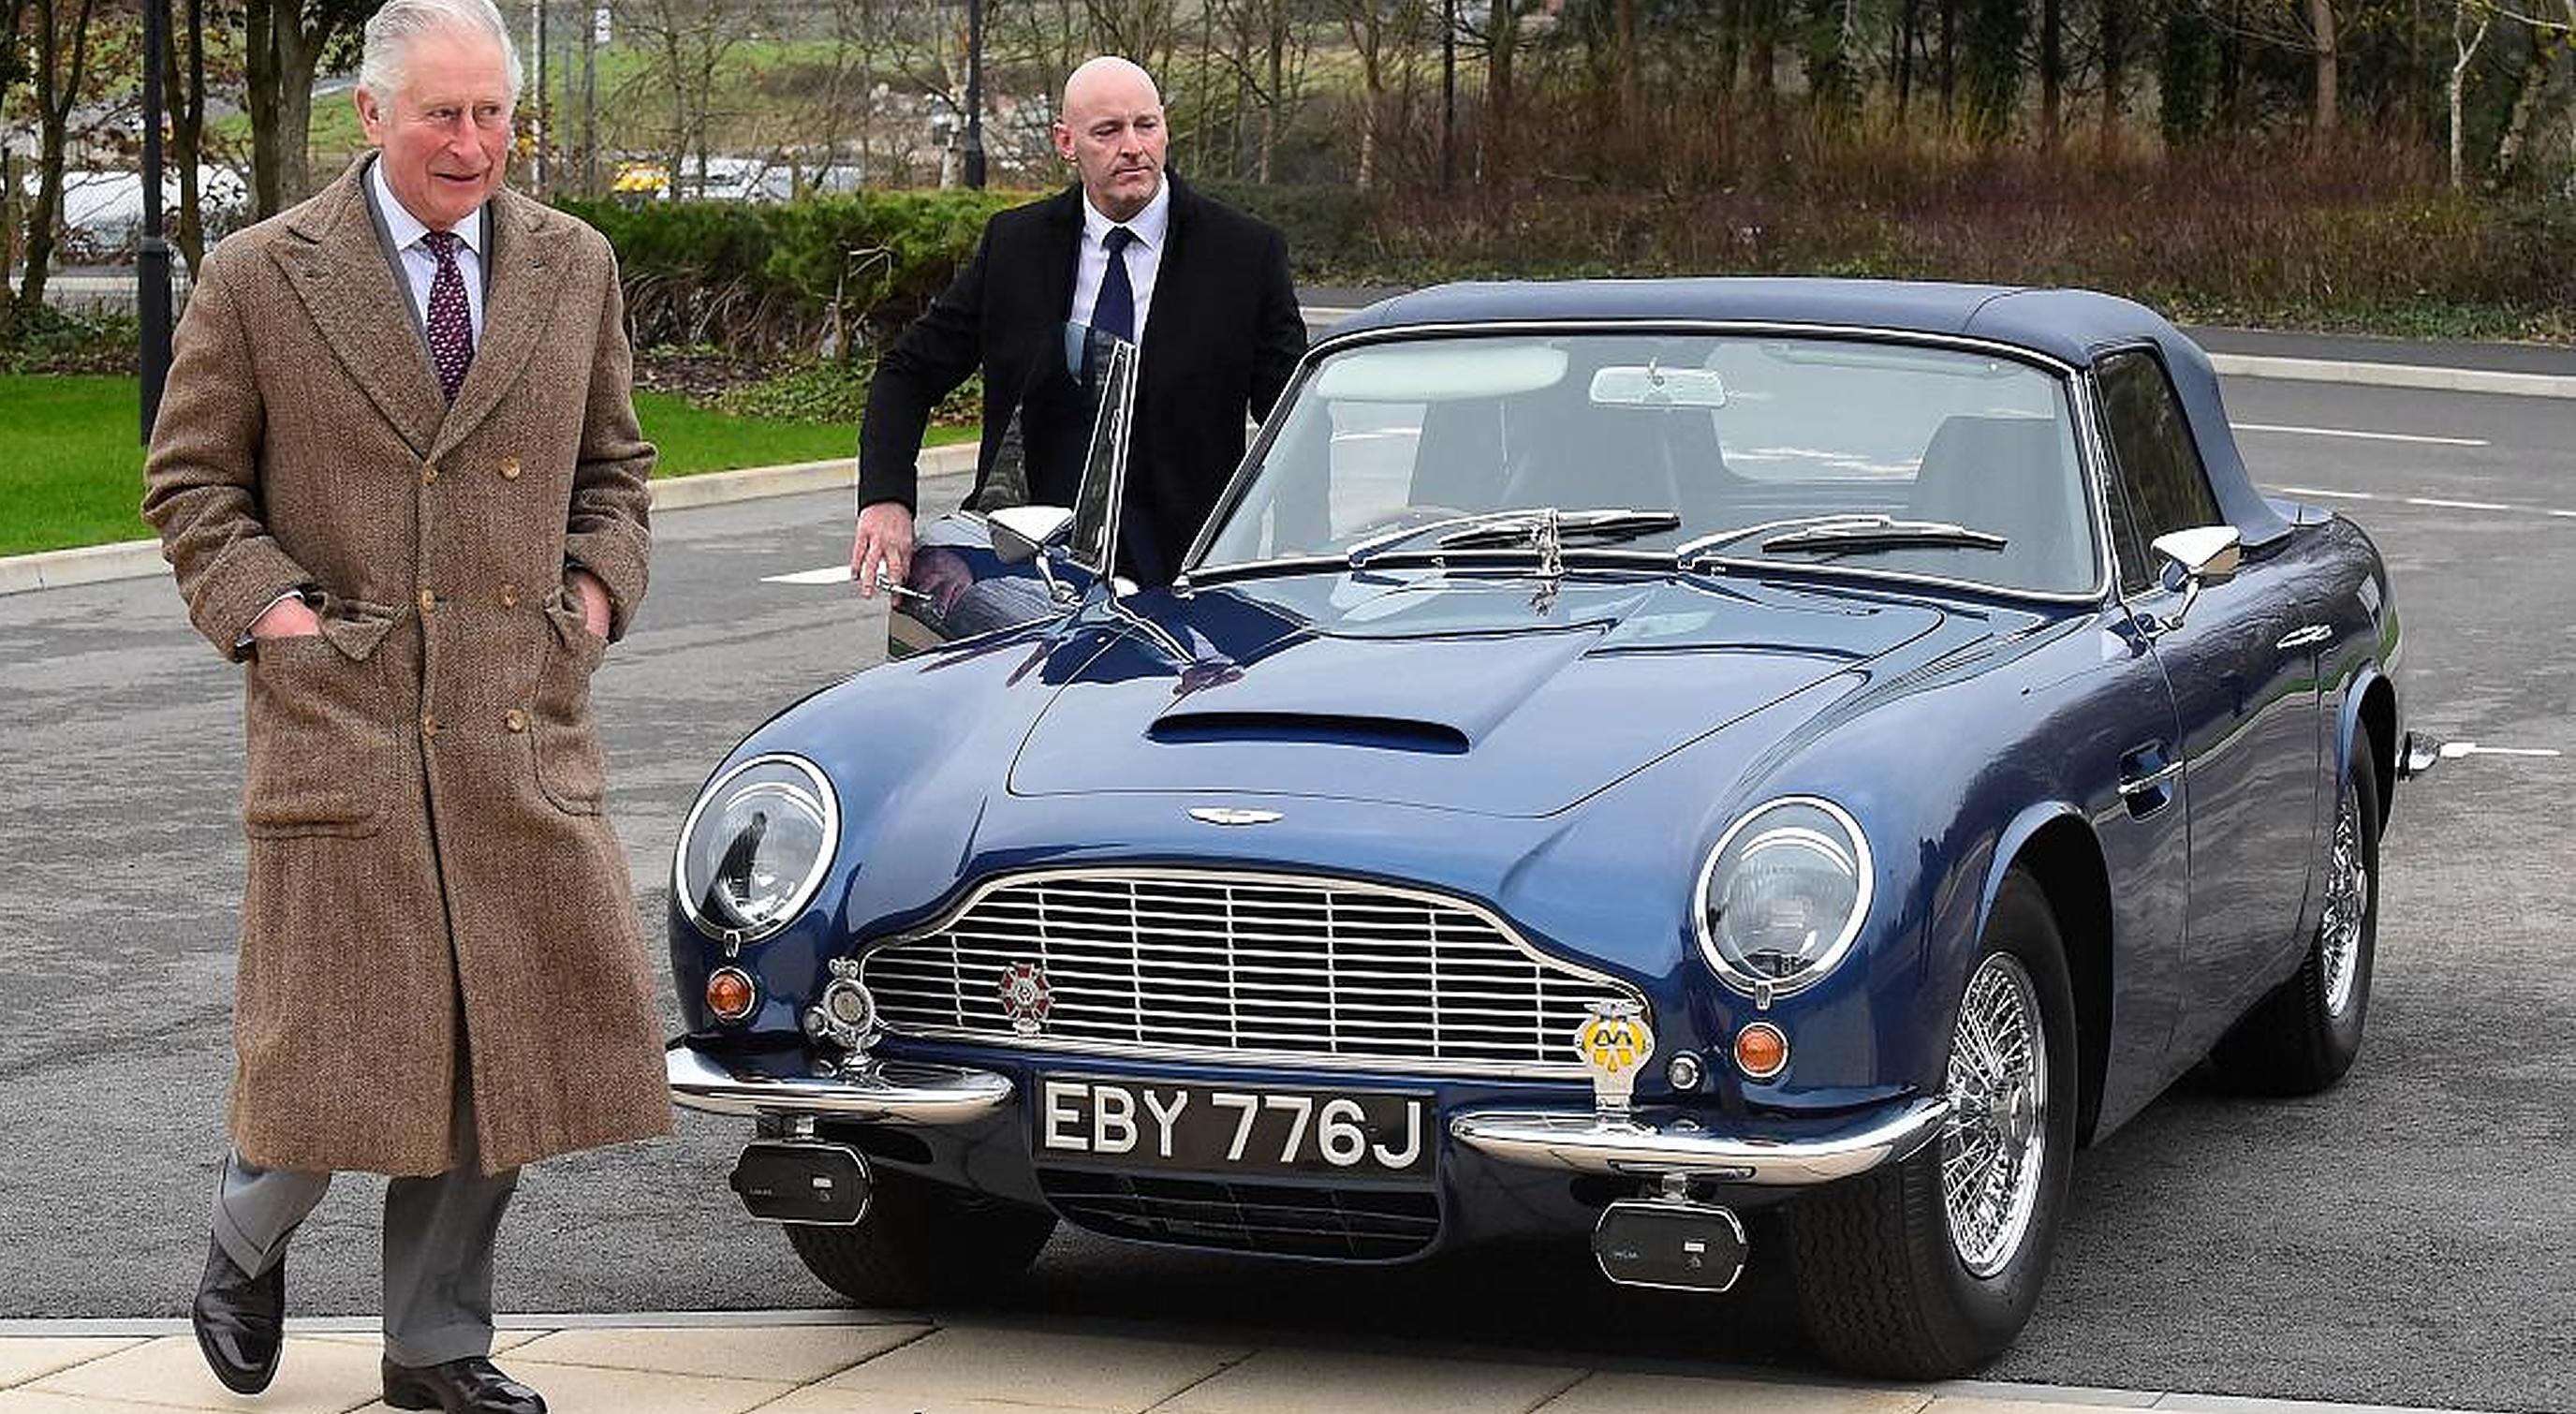 Prințul Charles spune că Aston Martin-ul său funcționează cu combustibil pe bază de vin și brânză